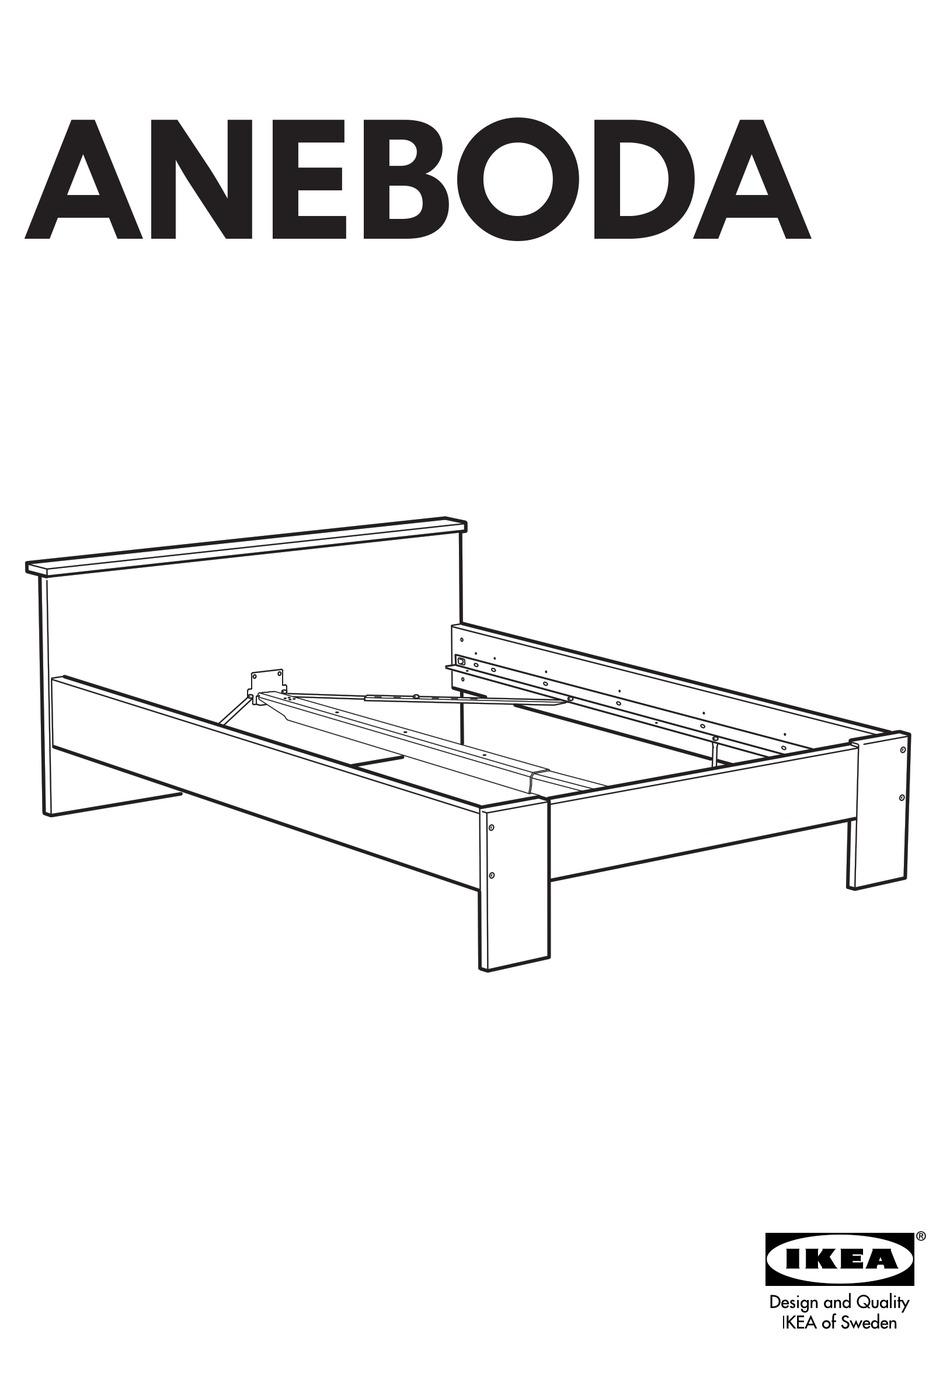 Ikea Aneboda Bed